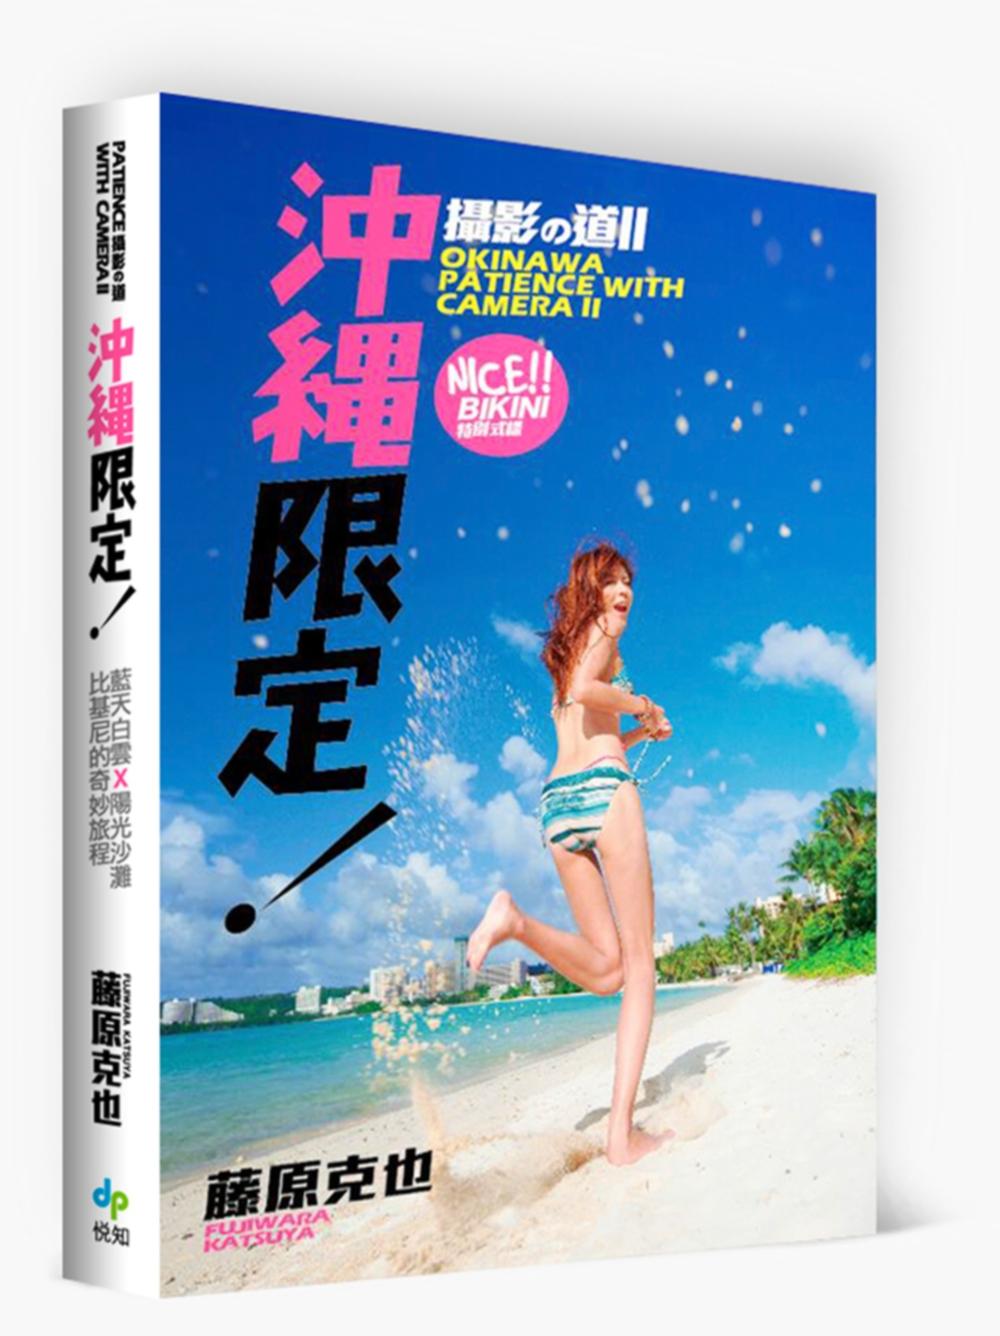 藤原克也‧攝影之道2:沖繩限定(博客來獨家封面)